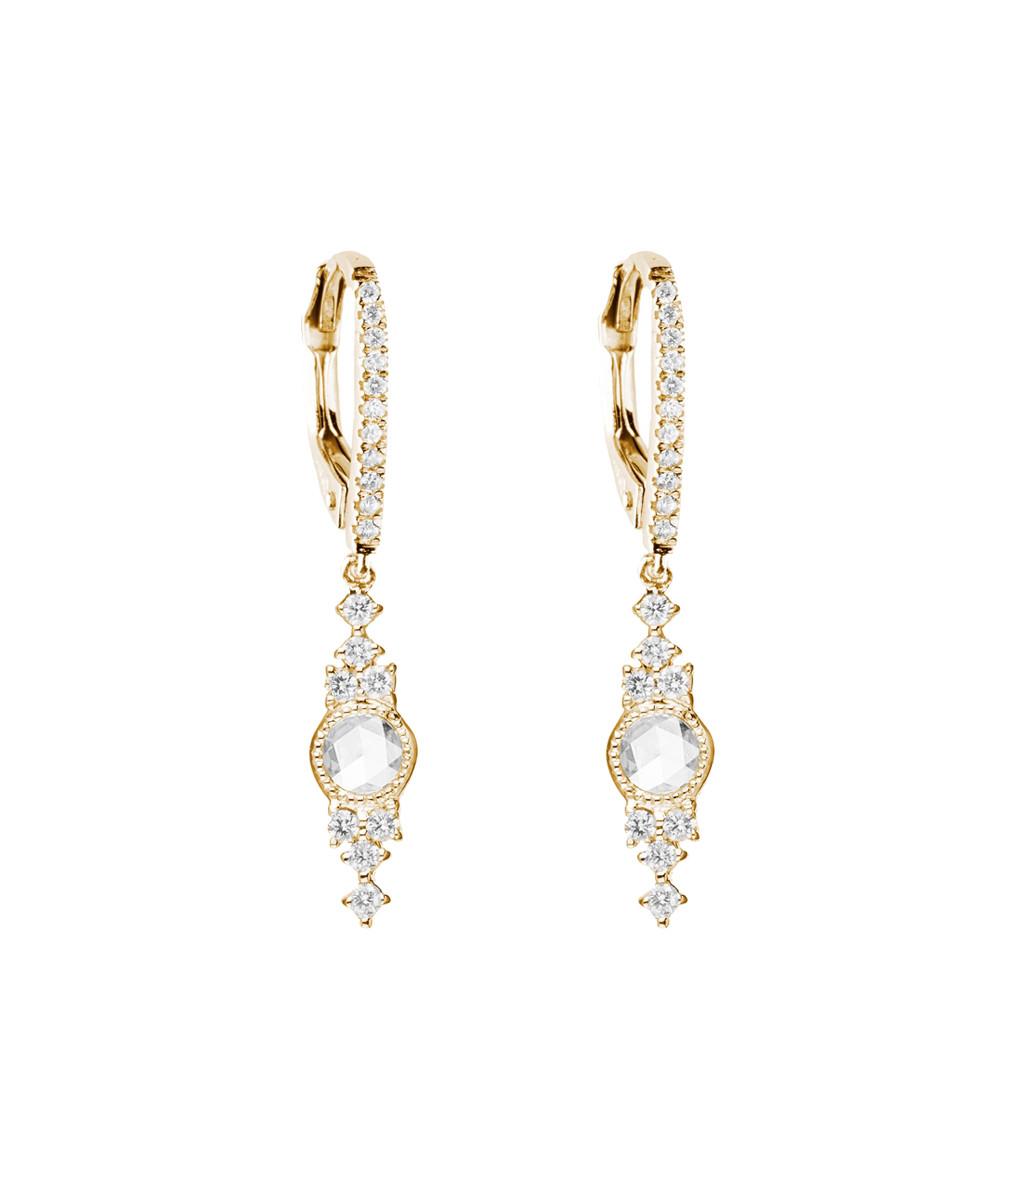 Boucles d'oreilles Himalaya Or Diamants - STONE